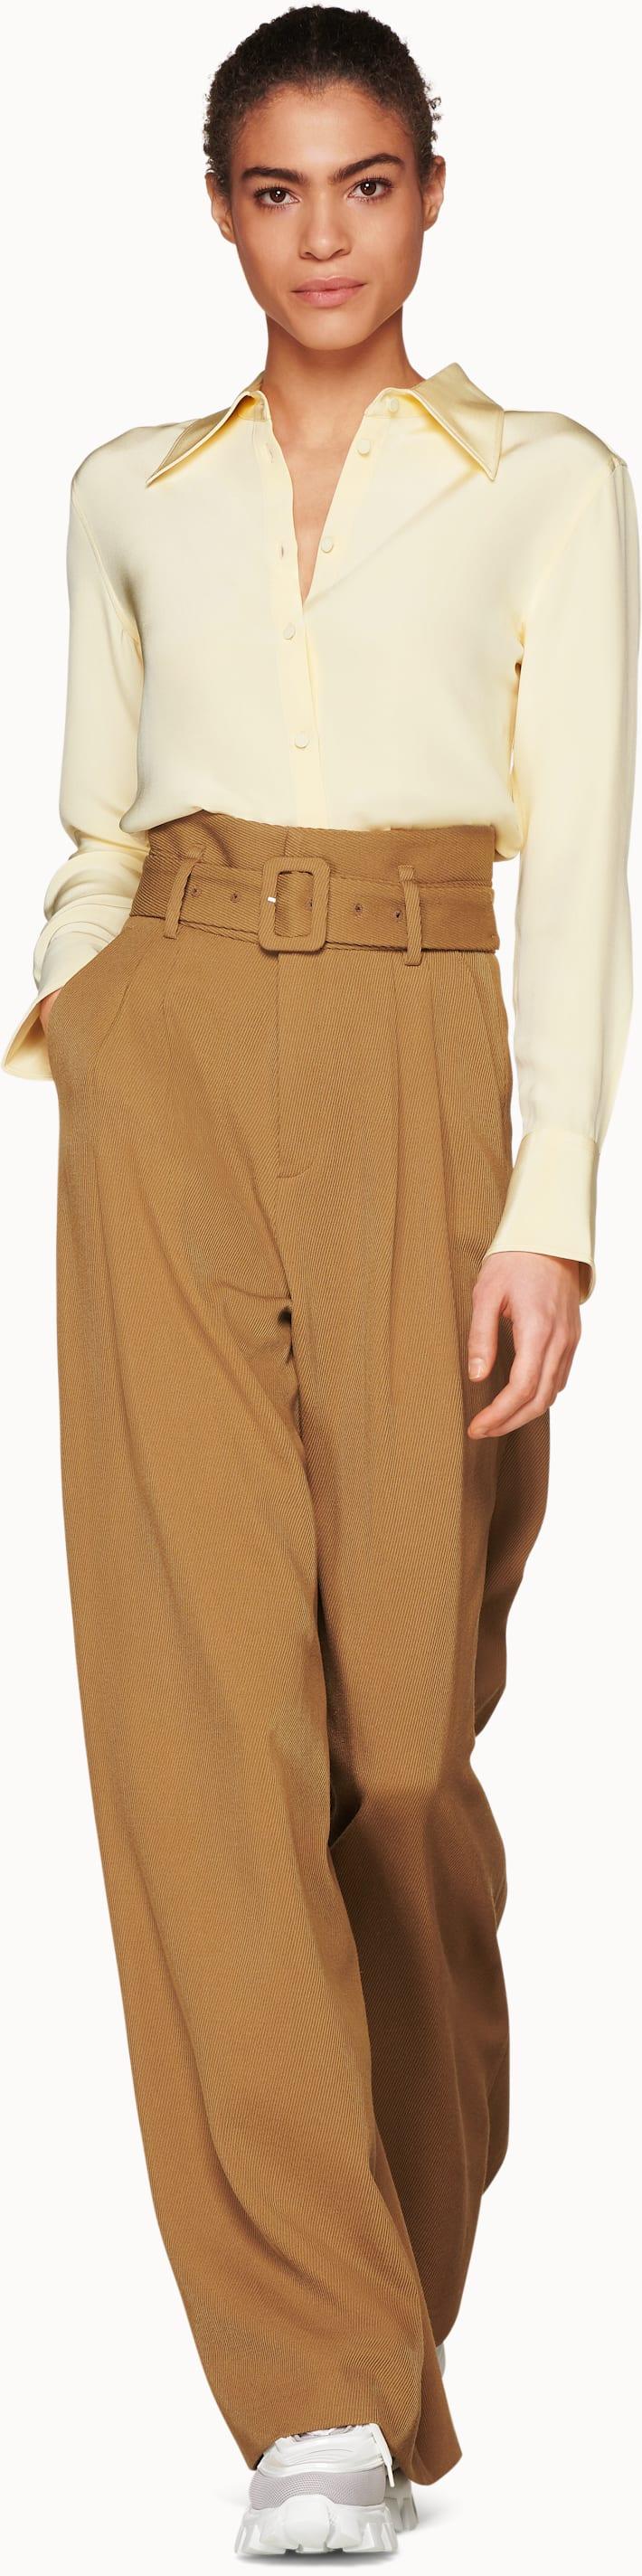 Alec Pale Yellow  Silk Shirt